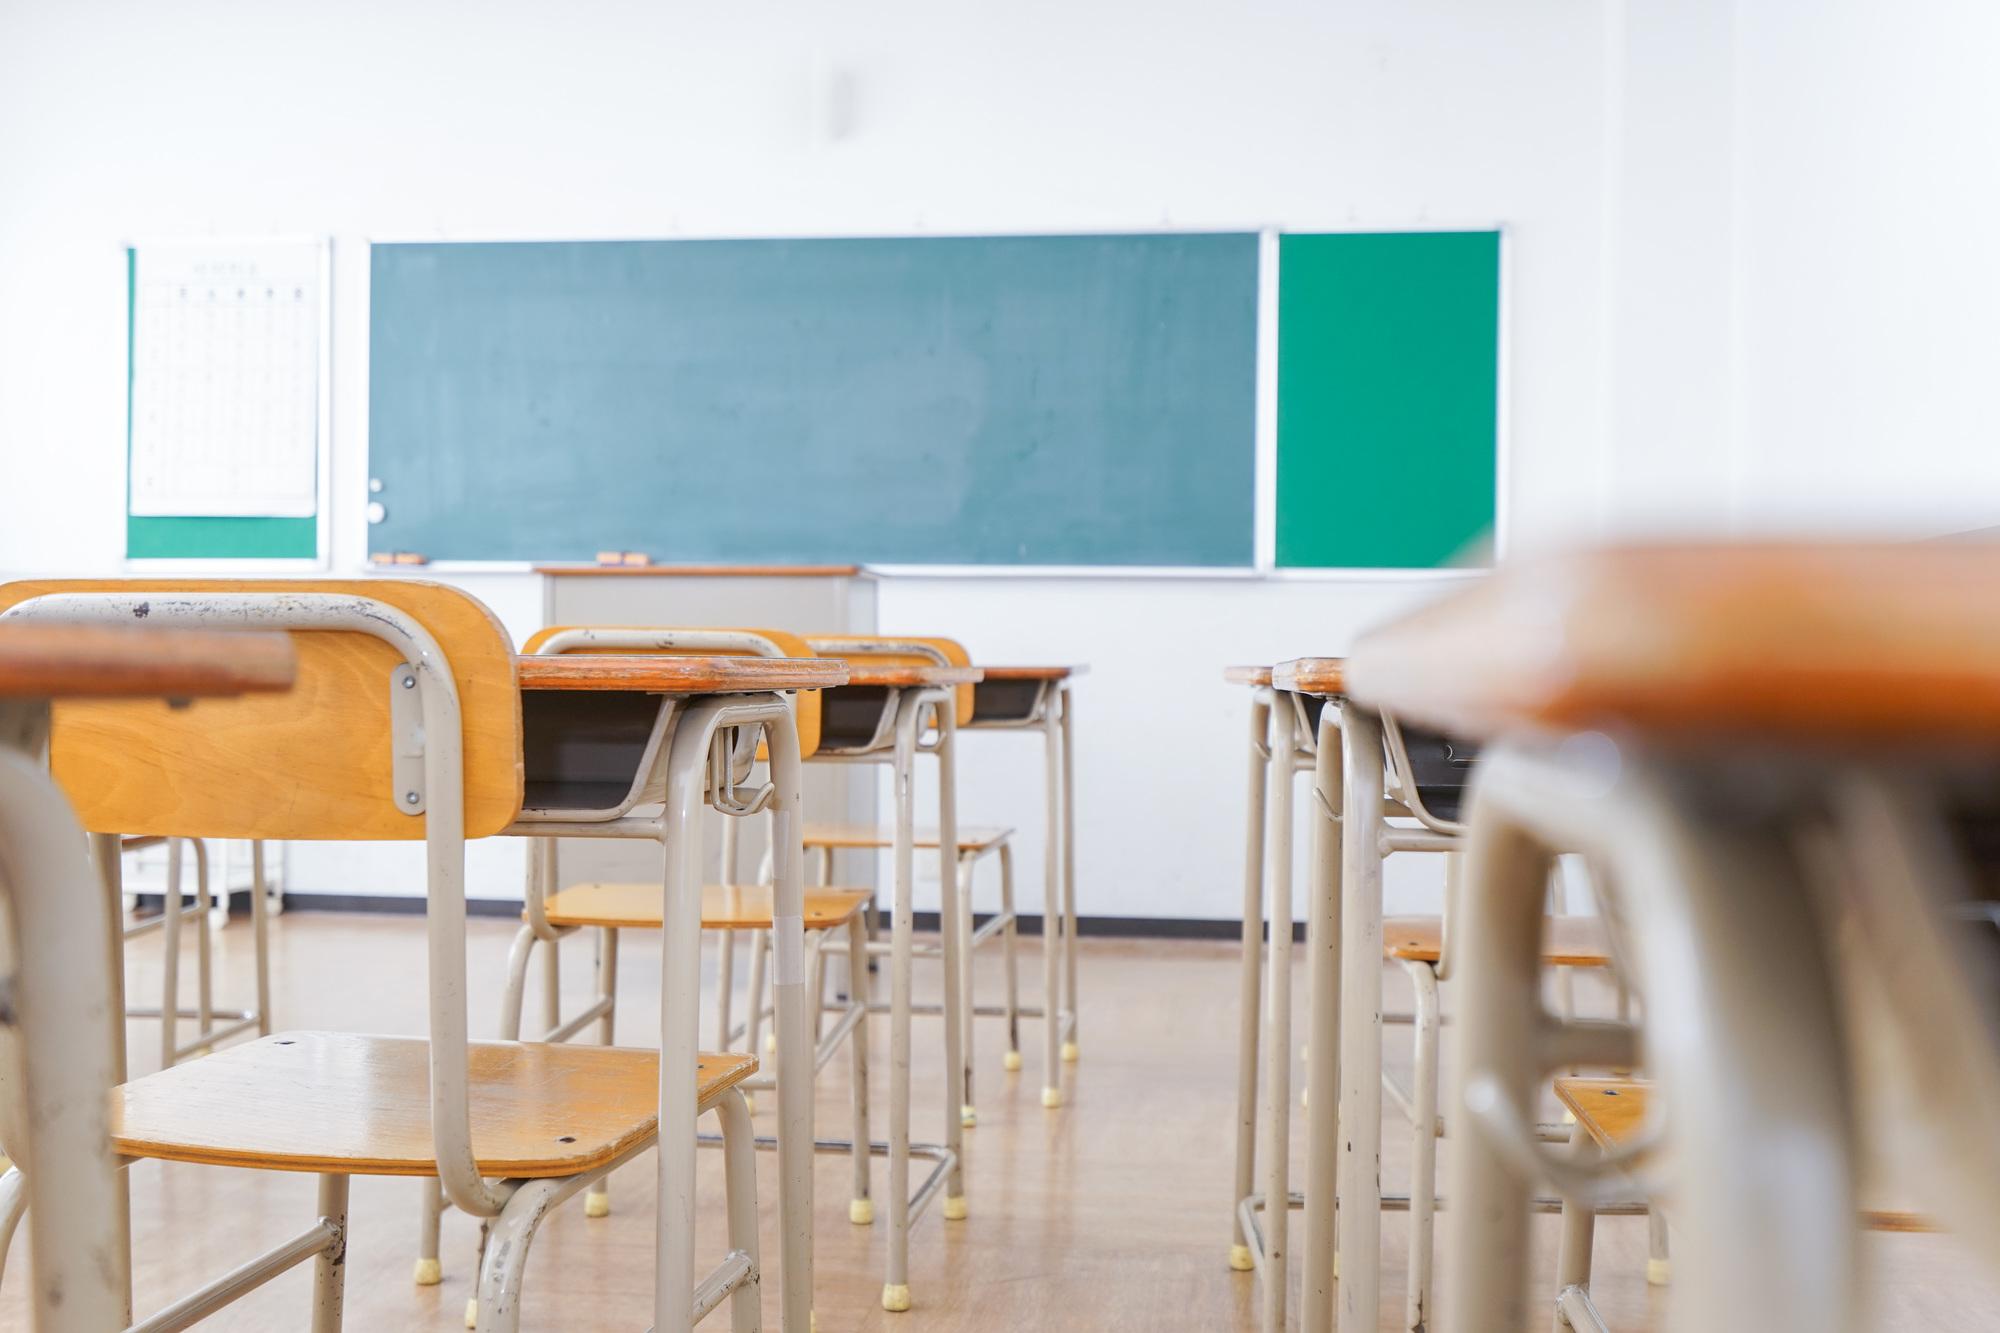 「教育実習を経験して進路変更。教師はやめて、一般企業への就活に切り替えたい」教室のイメージ画像